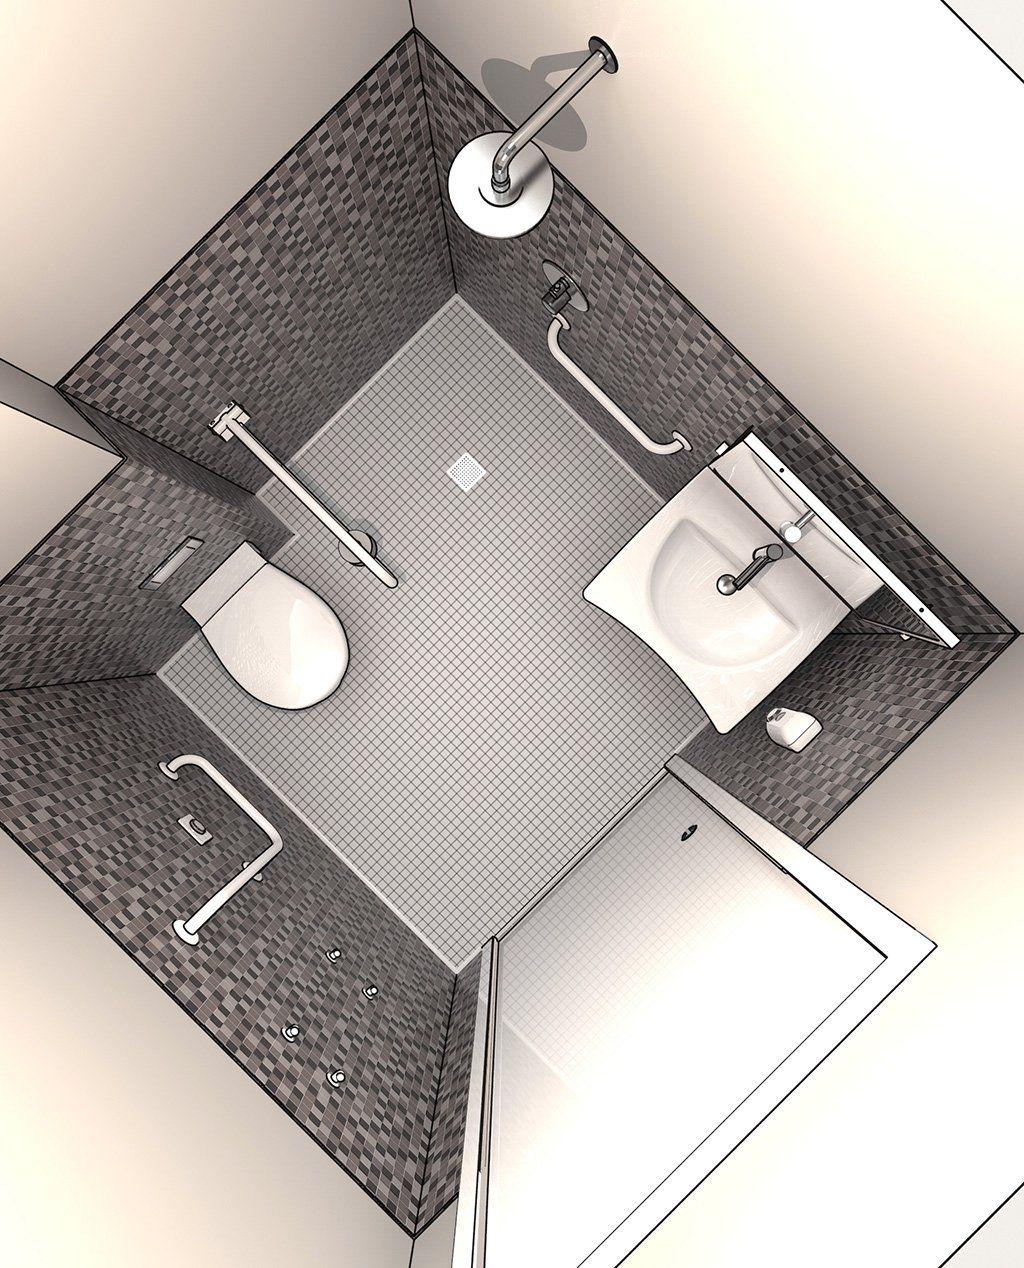 Baños para personas con discapacidad que cumplan con los ...